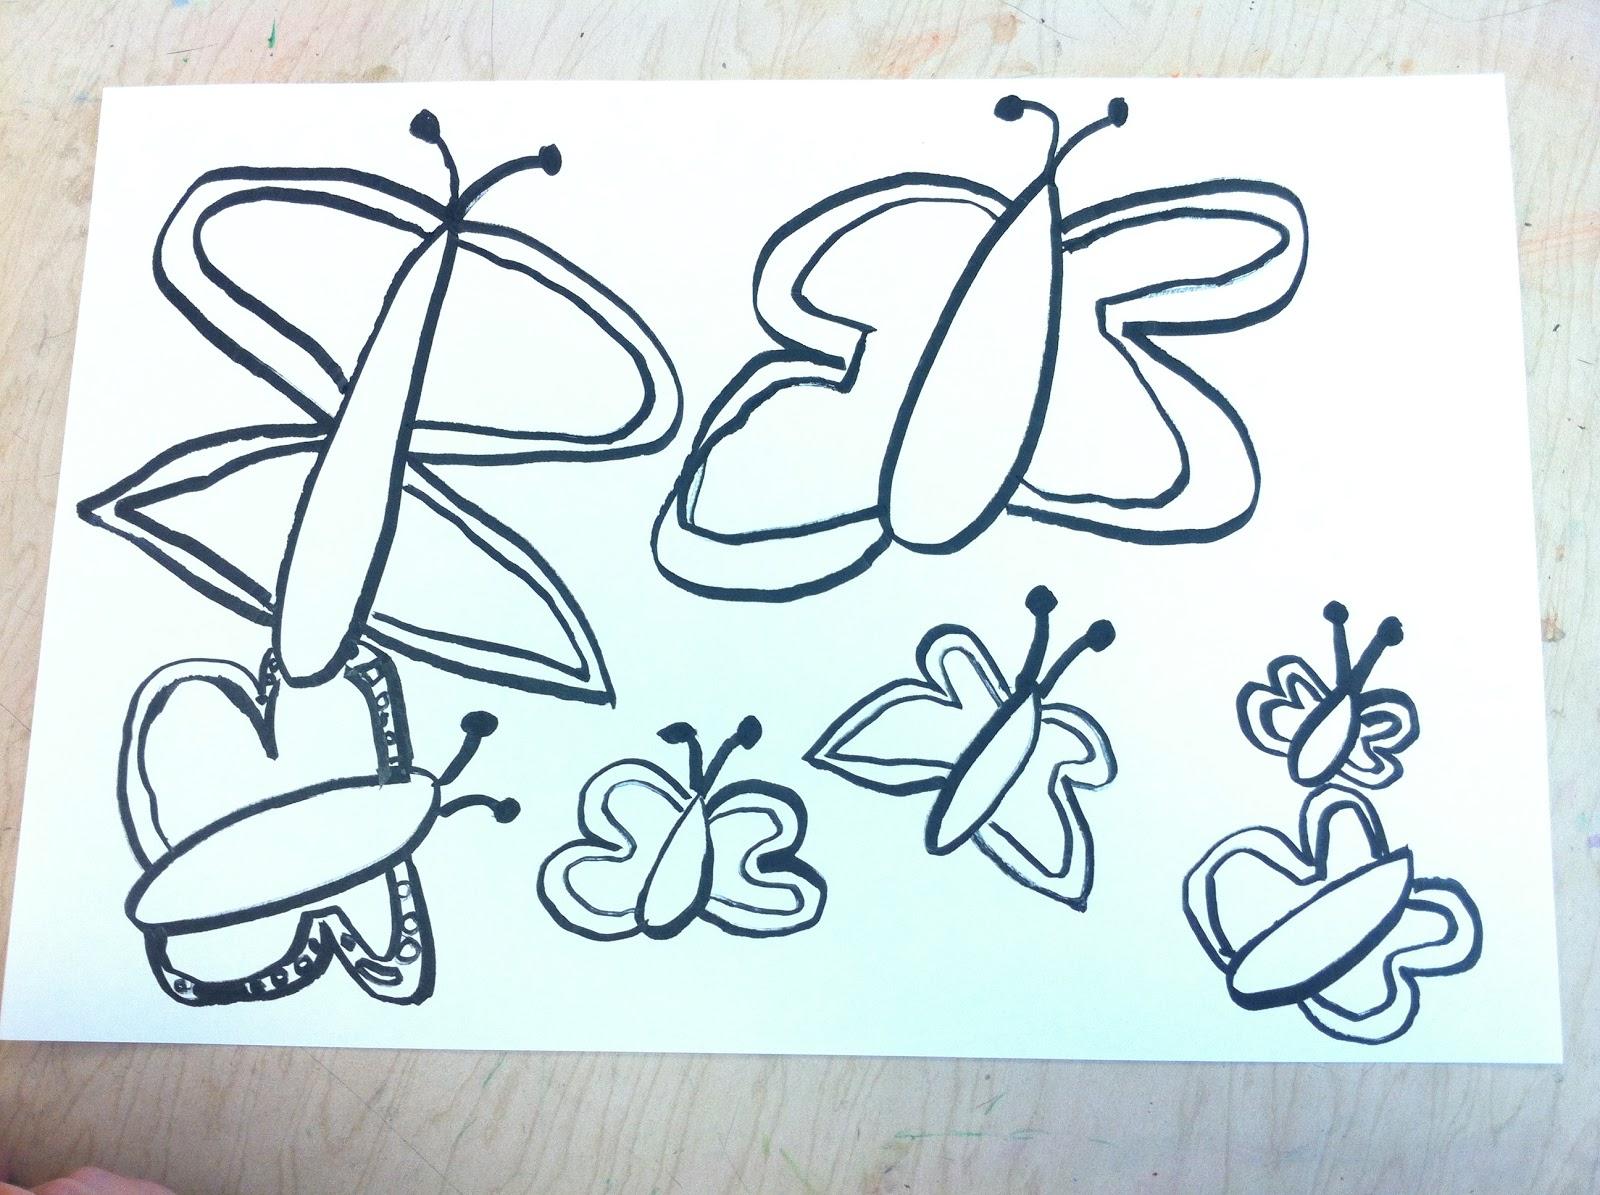 Tiny Hands Art: December 2012